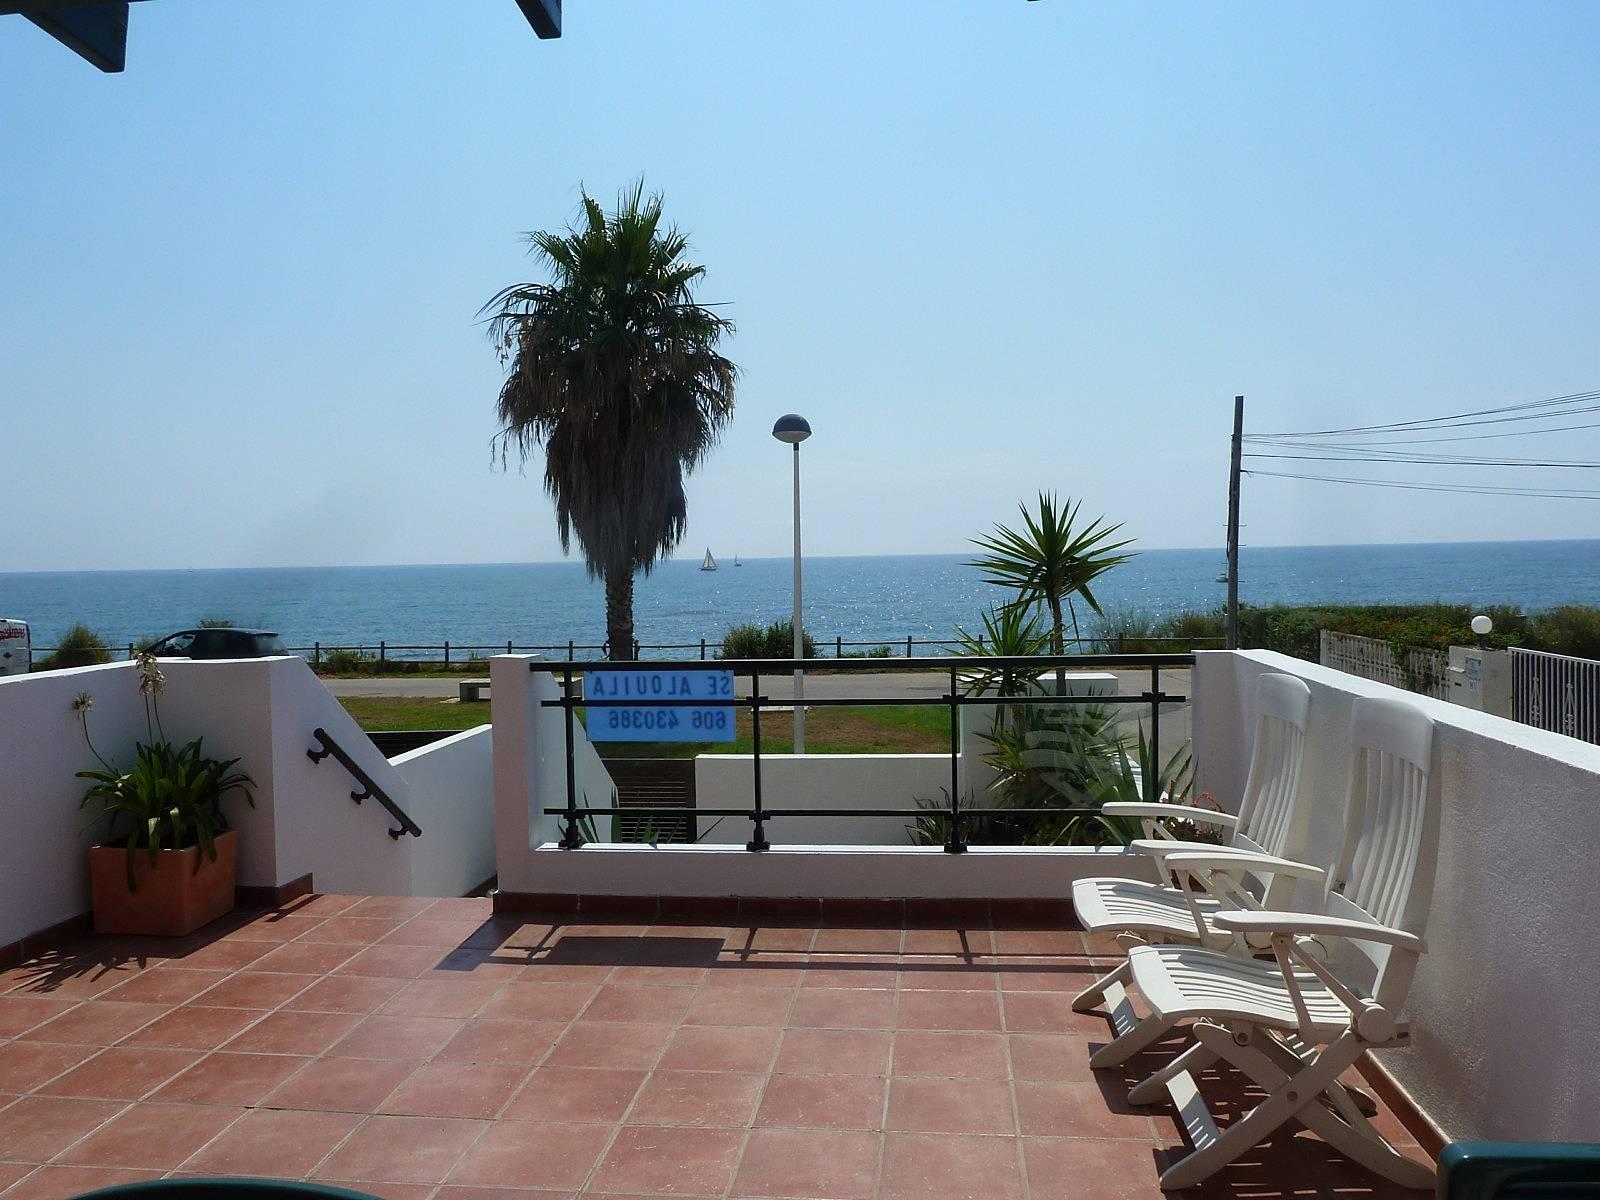 Apartamento en 1a l nea de playa con piscina vinar s castell n castell n costa del azahar - Hoteles en castellon con piscina ...